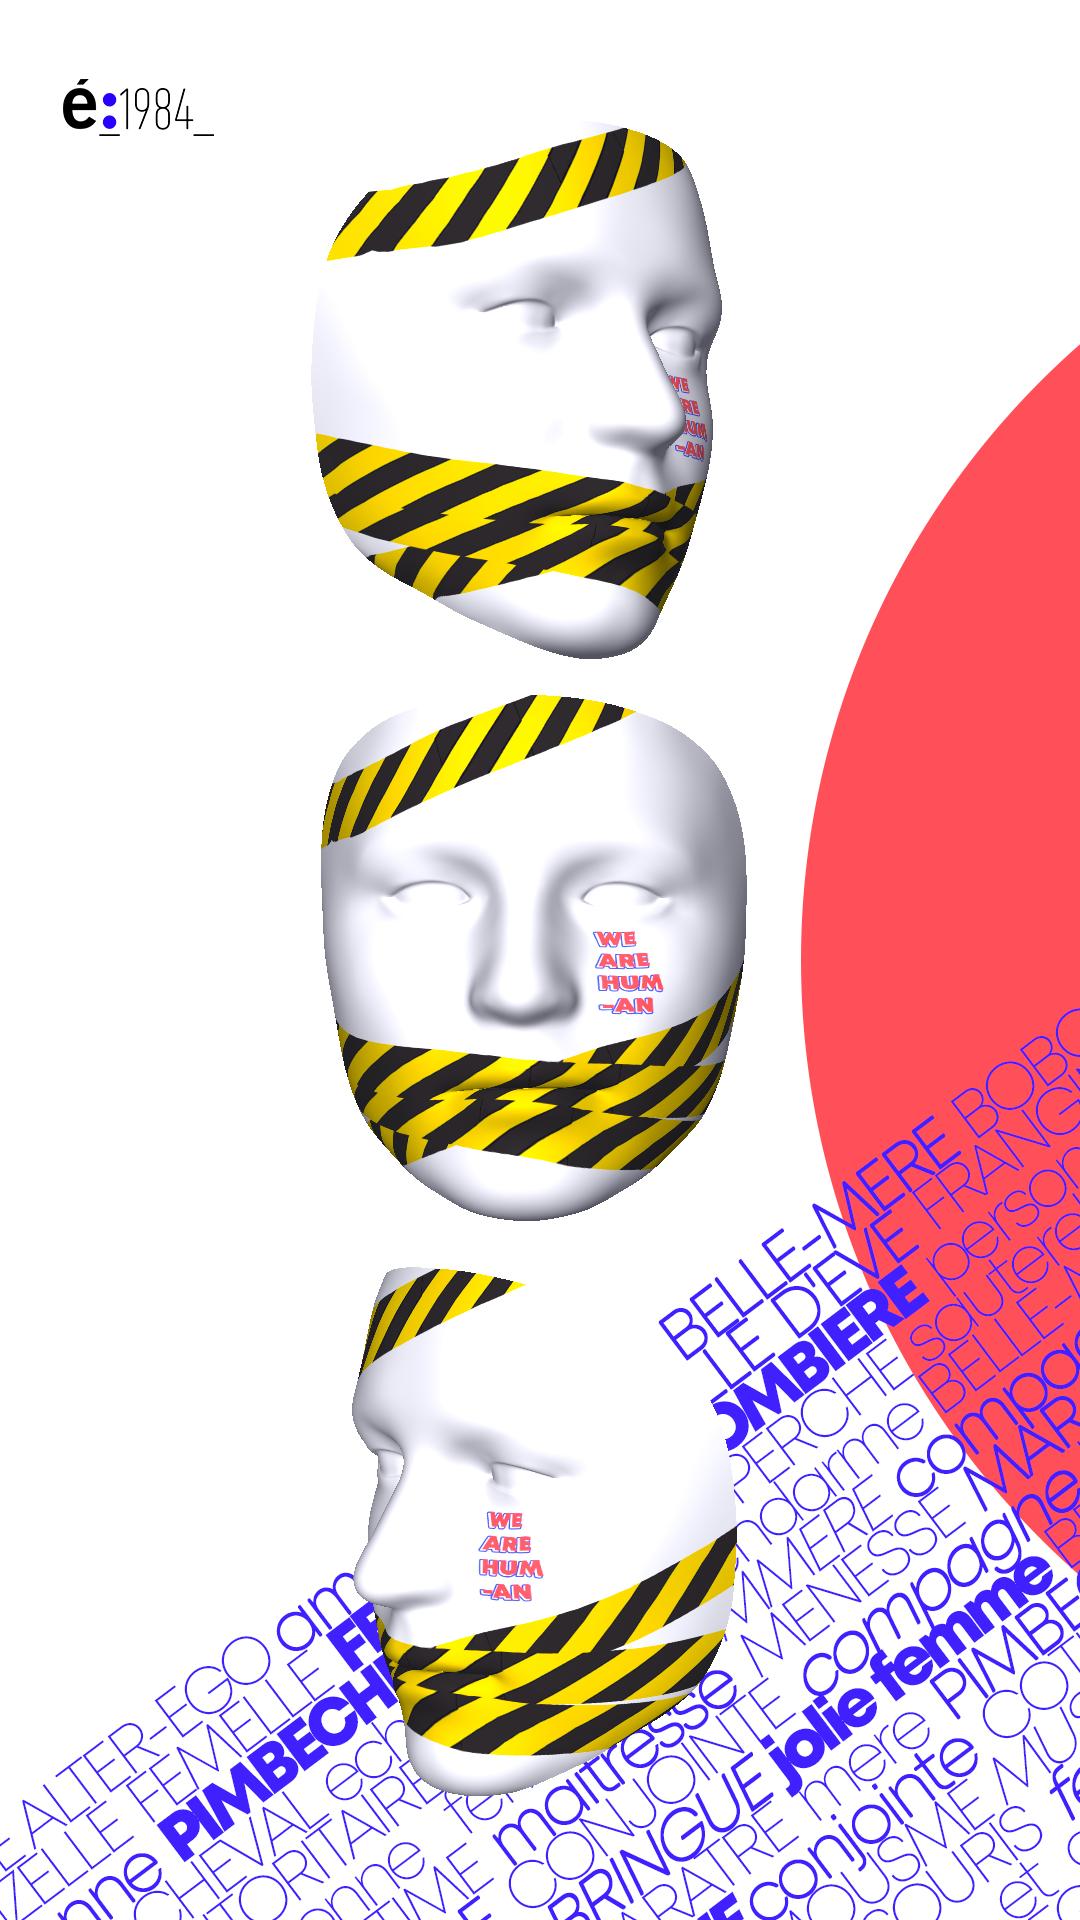 Concours : étapes et l'école 1984 - Pimp my Mask - Vue verticale